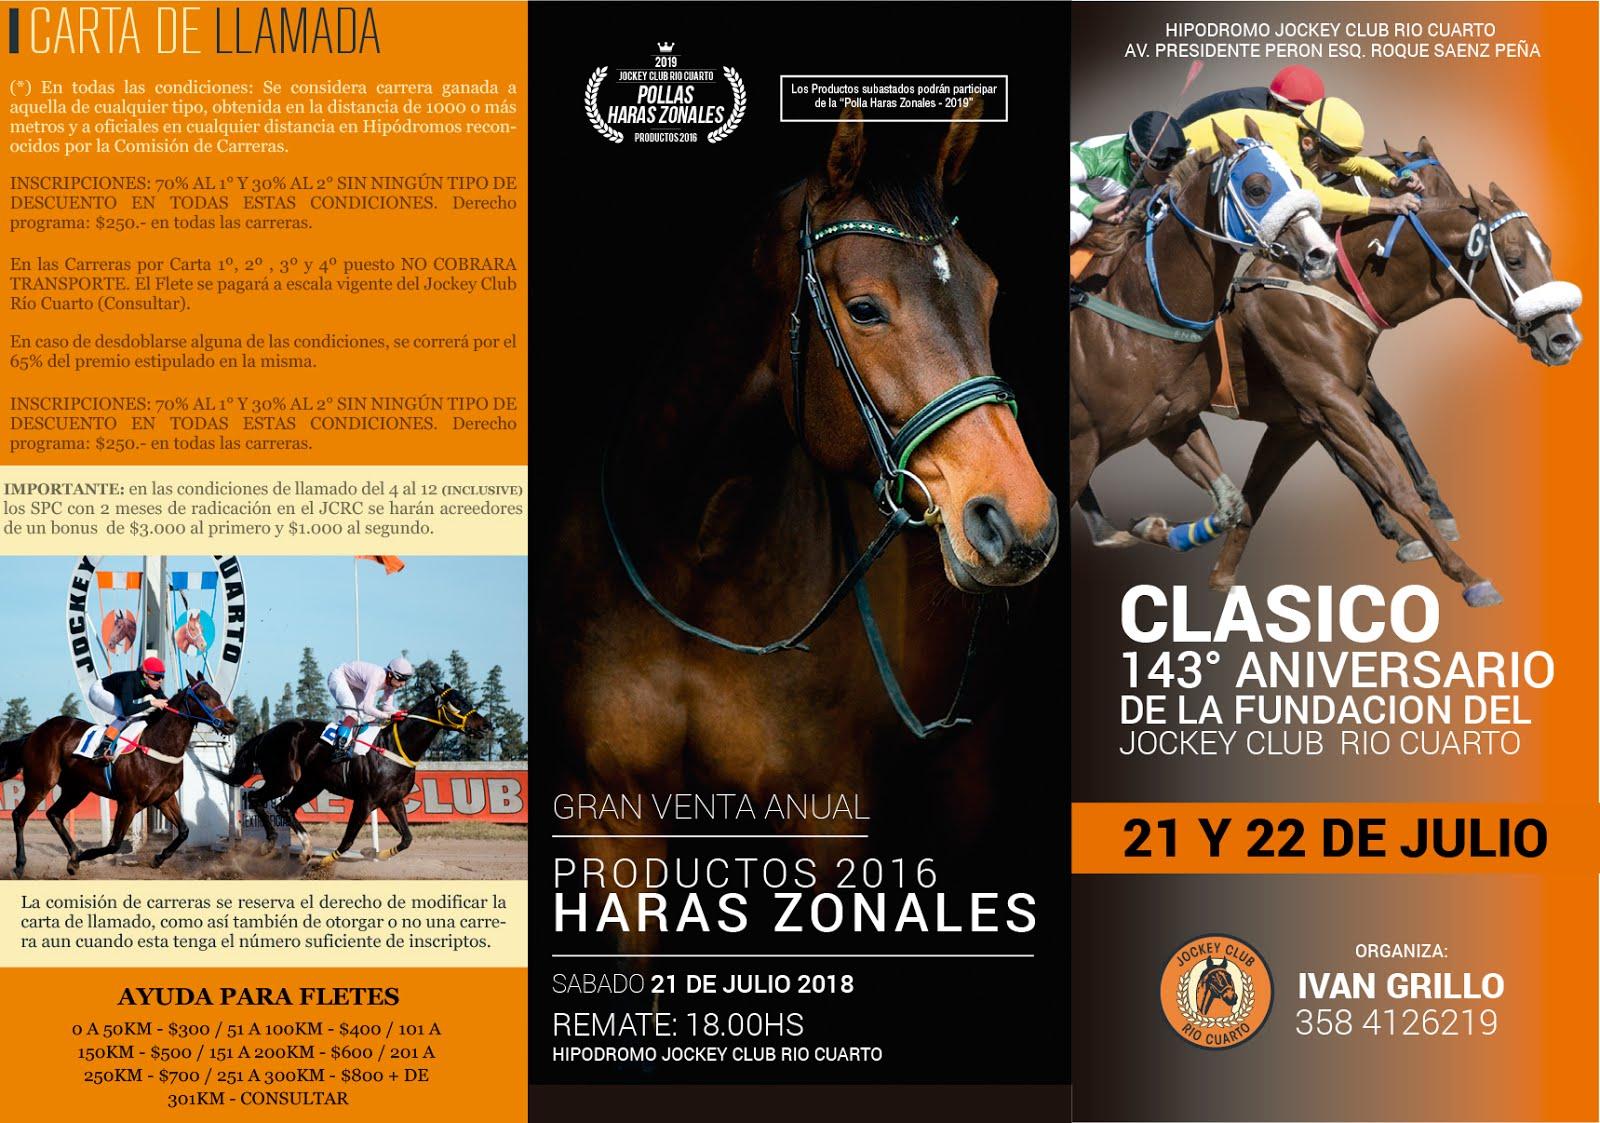 Llamado de Julio - Hipódromo Jockey Club Río Cuarto